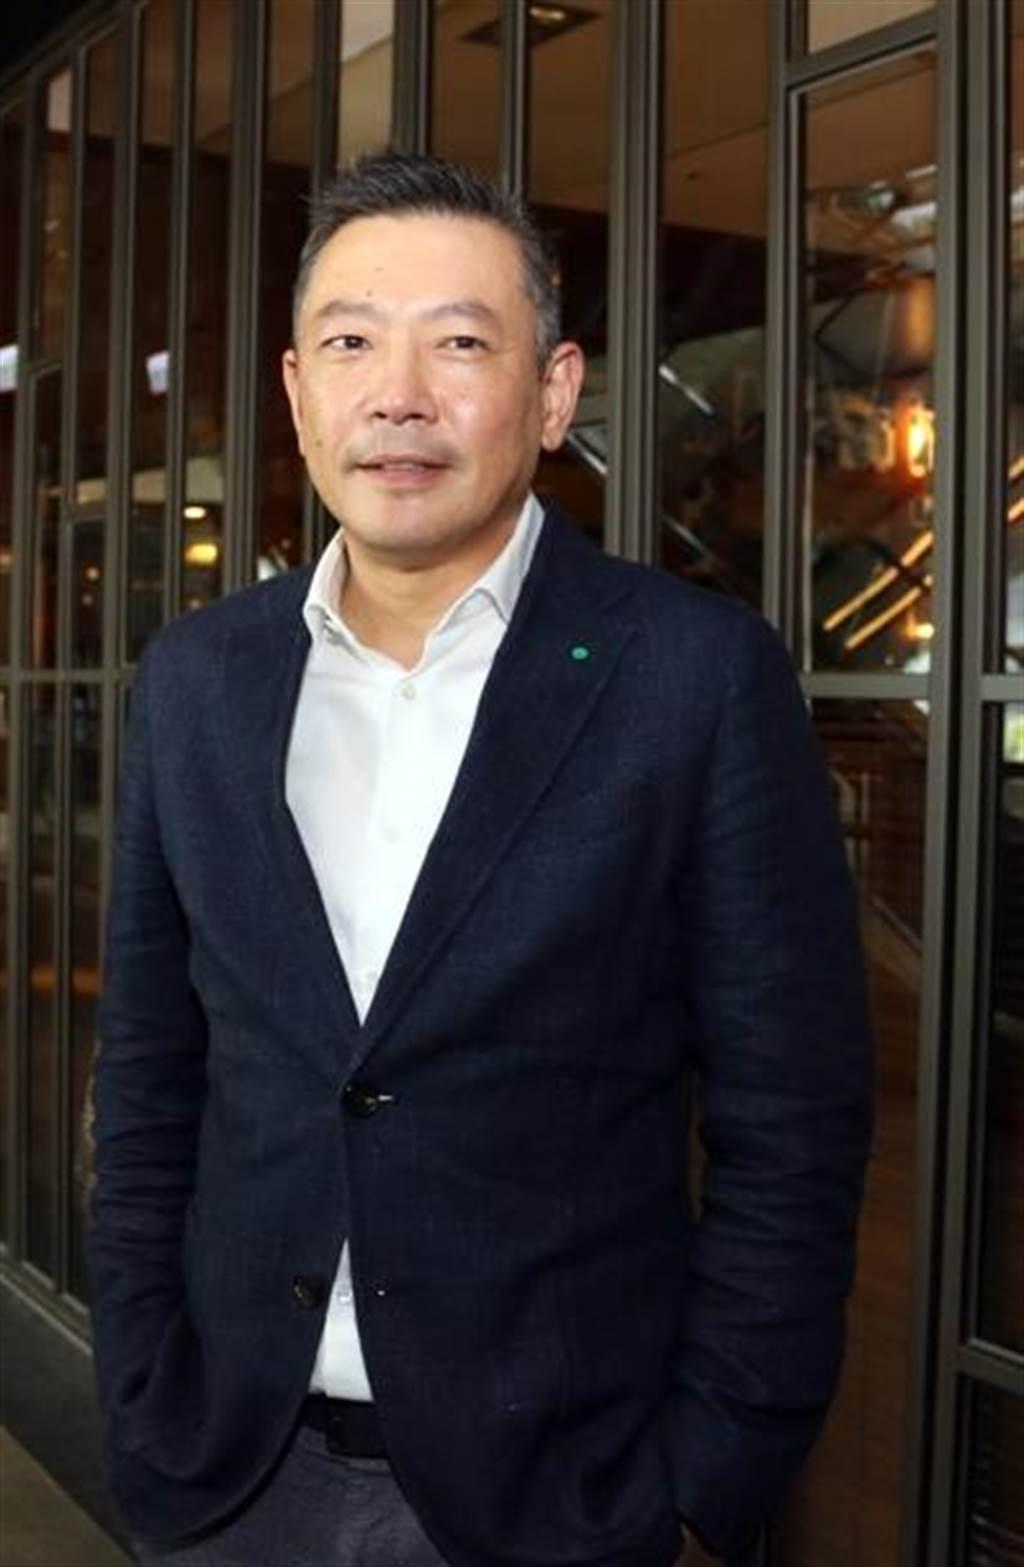 新光三越副董事長兼總經理吳昕陽,在疫情中秉持「正面謹慎,積極面對」的態度。(本報資料庫)